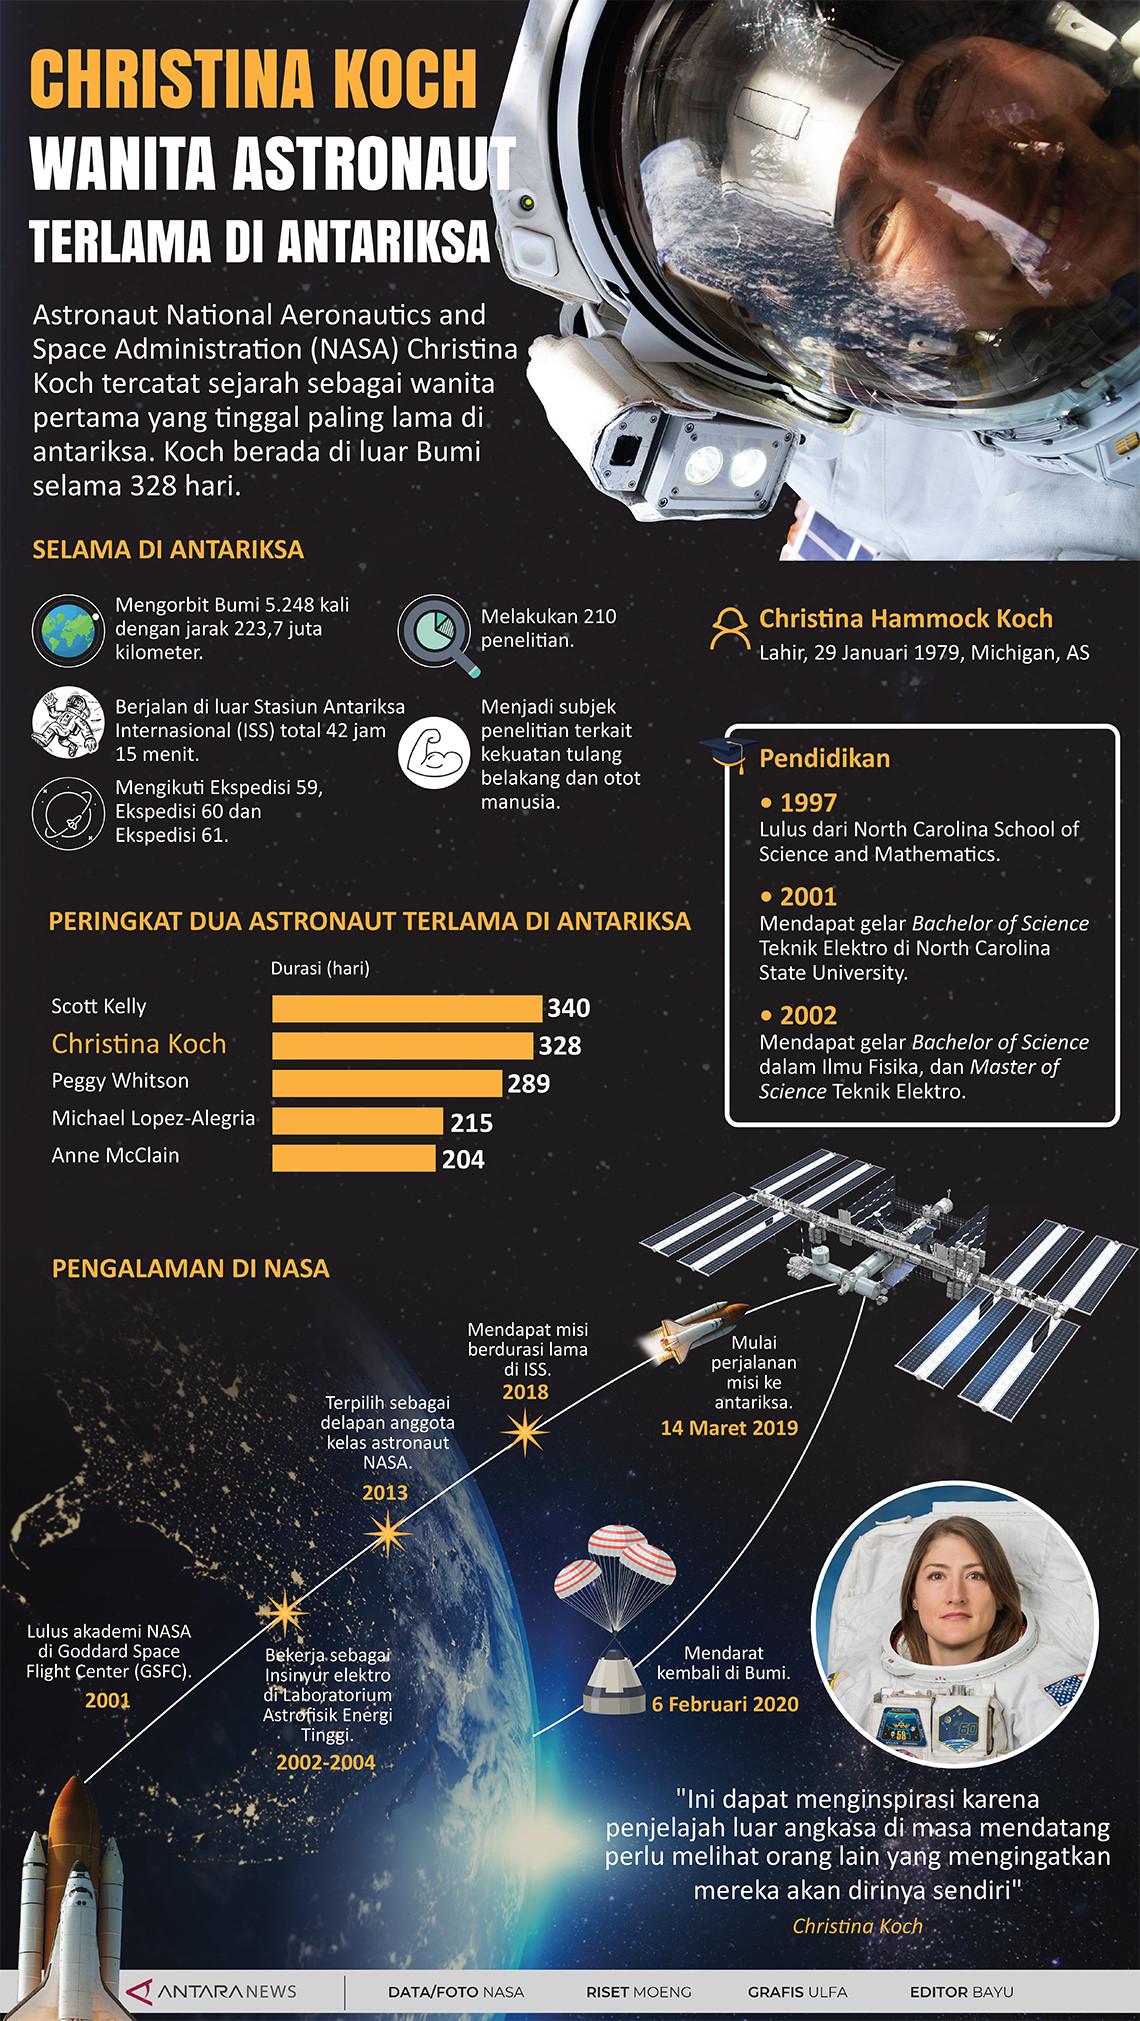 Christina Koch, astronaut wanita terlama di antariksa